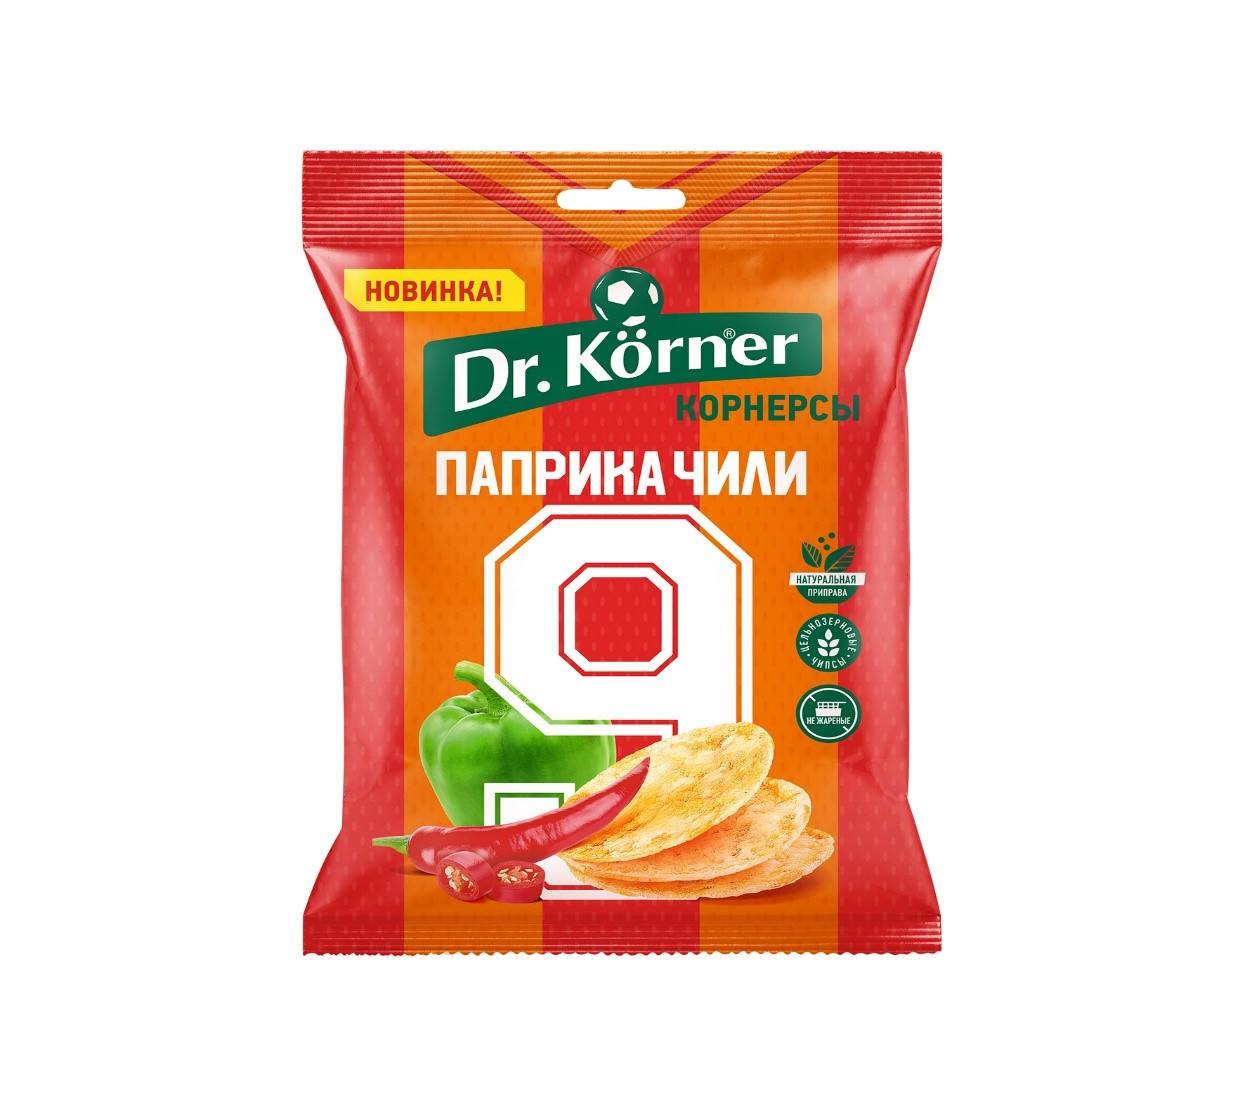 Чипсы Dr.Korner цельнозерновые кукурузно-рисовые с паприкой и чили